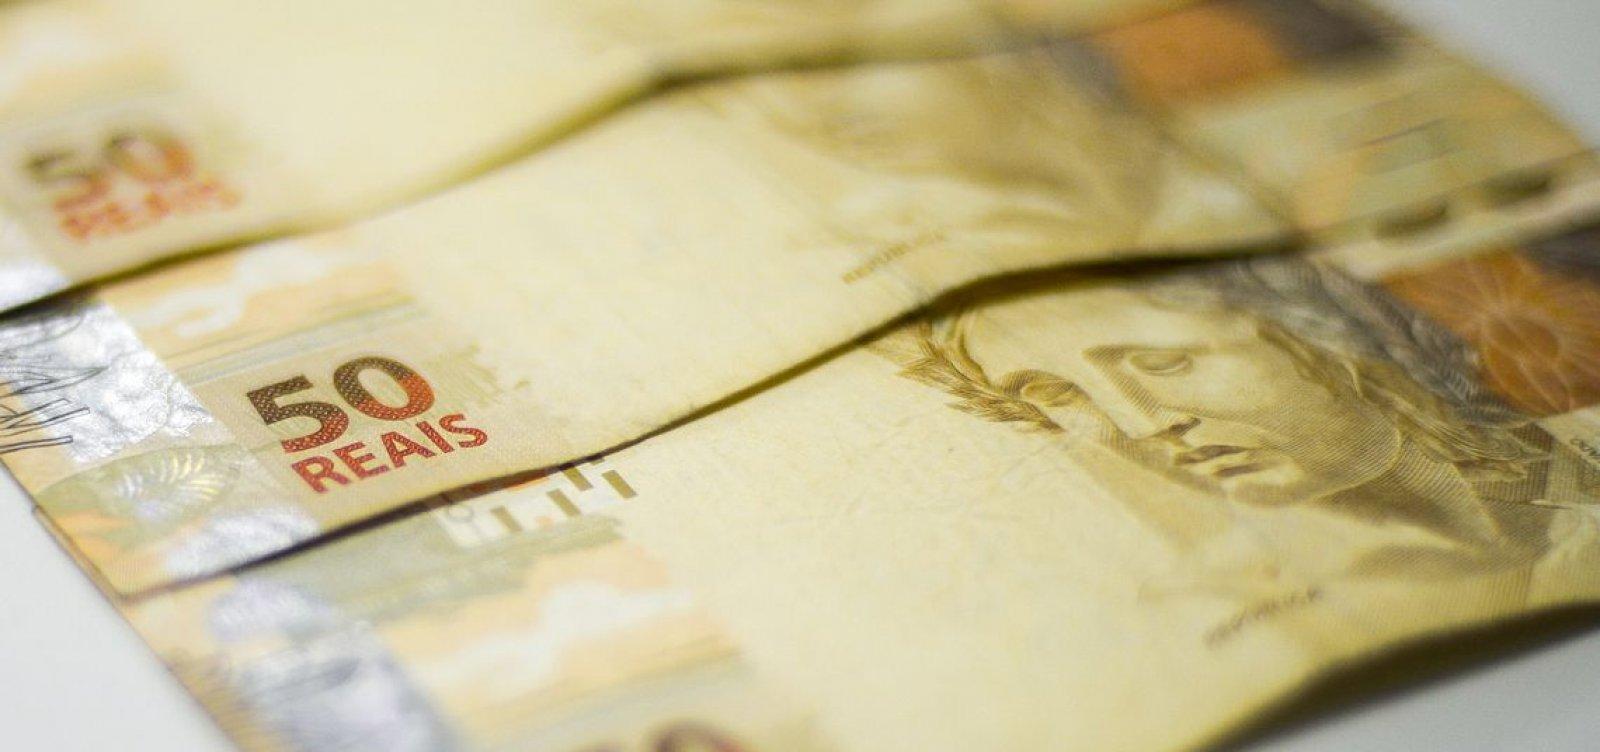 Brasil está entre estagnação edepressão econômica, diz relatório